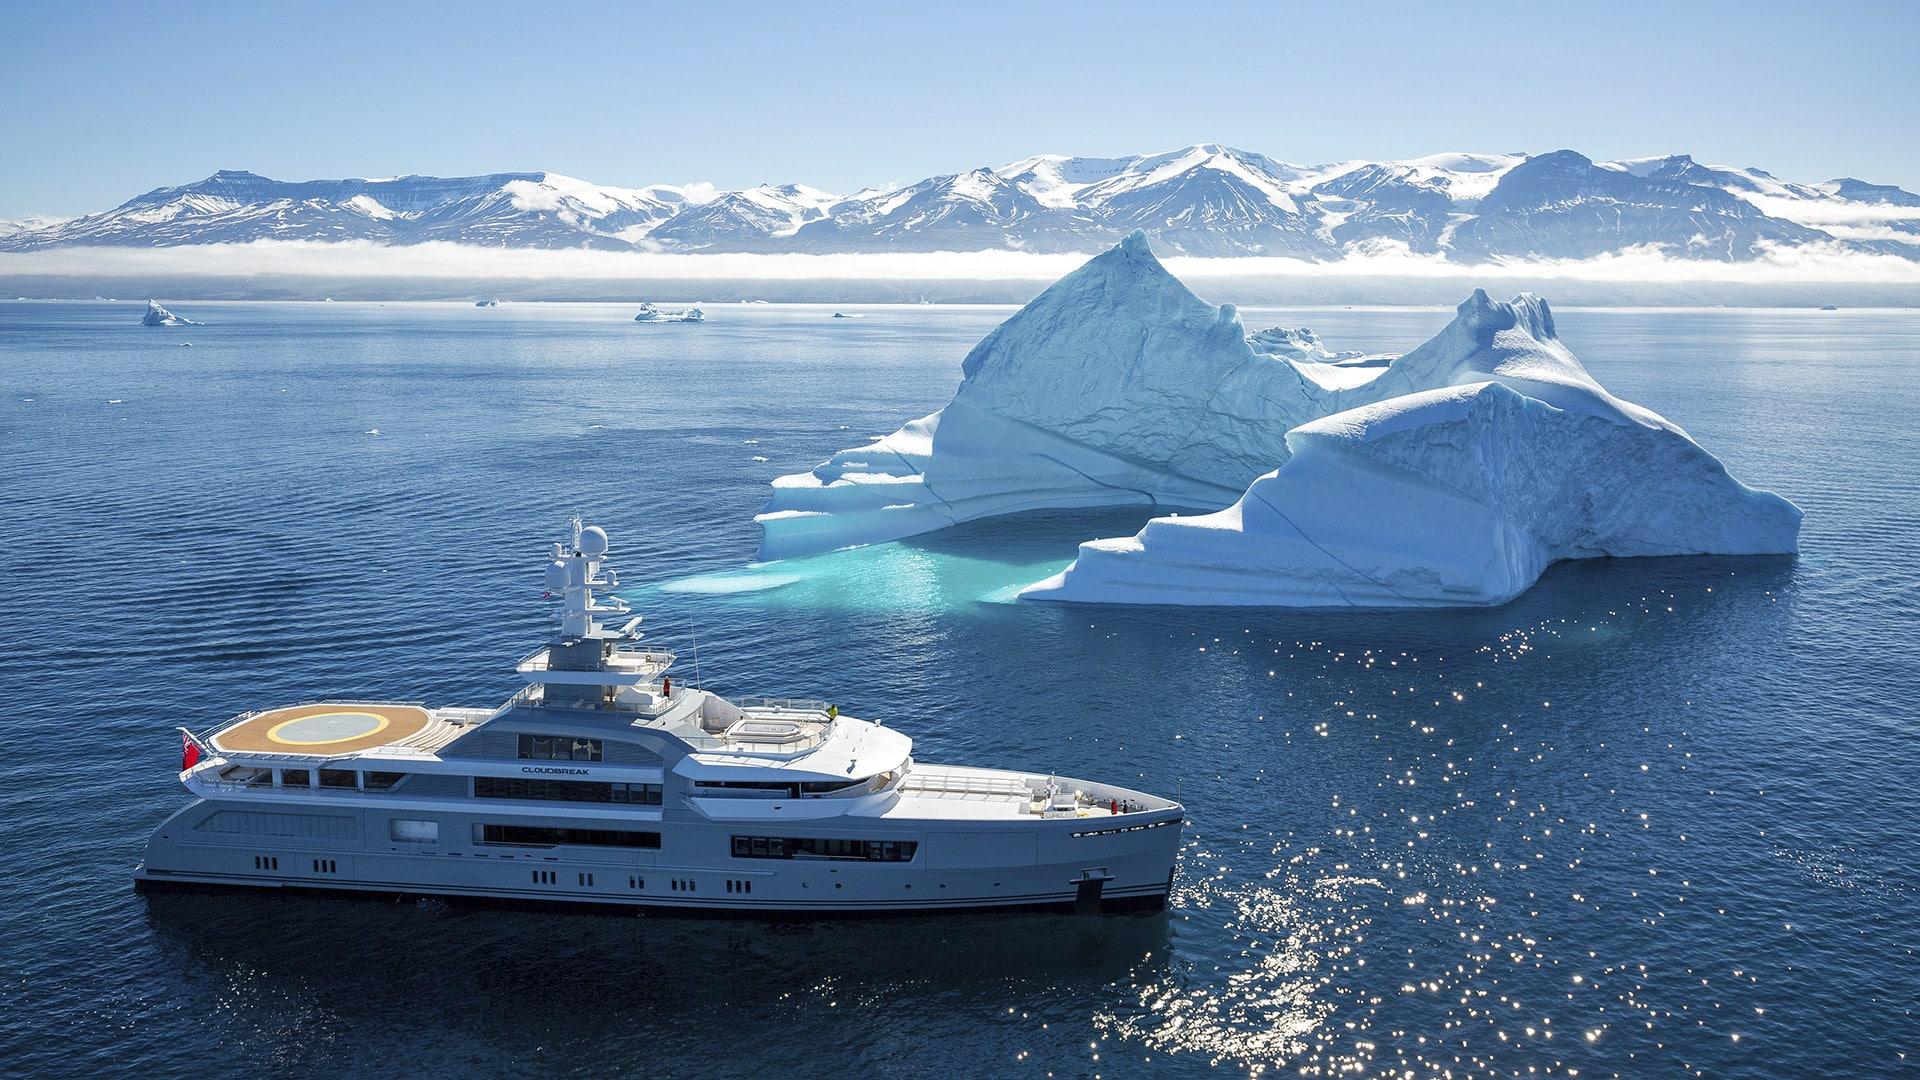 Maritime Incident Report: April 2021